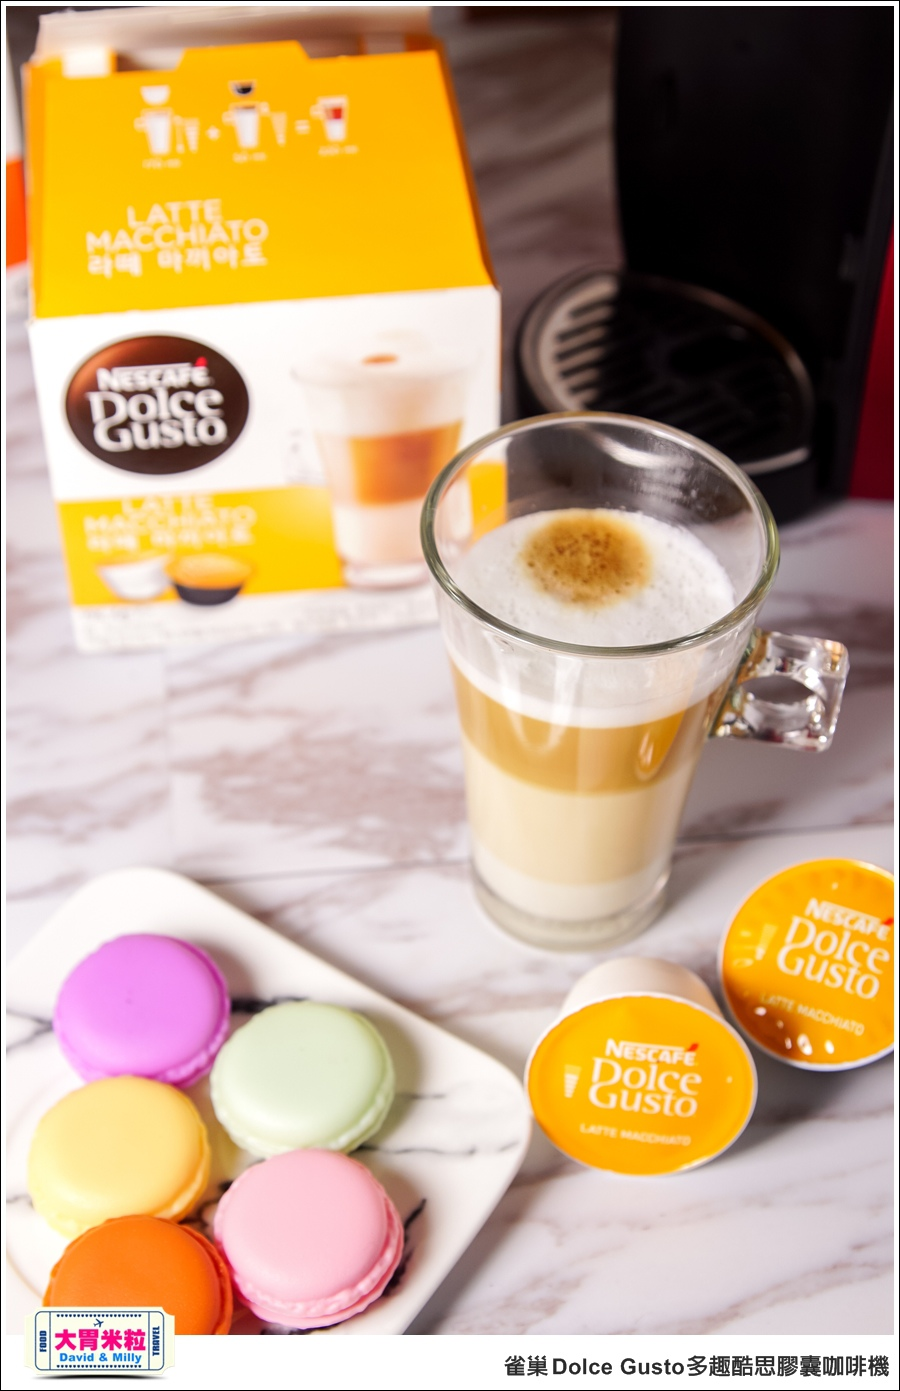 咖啡機推薦@雀巢 Dolce Gusto 多趣酷思膠囊咖啡機@大胃米粒 067.jpg